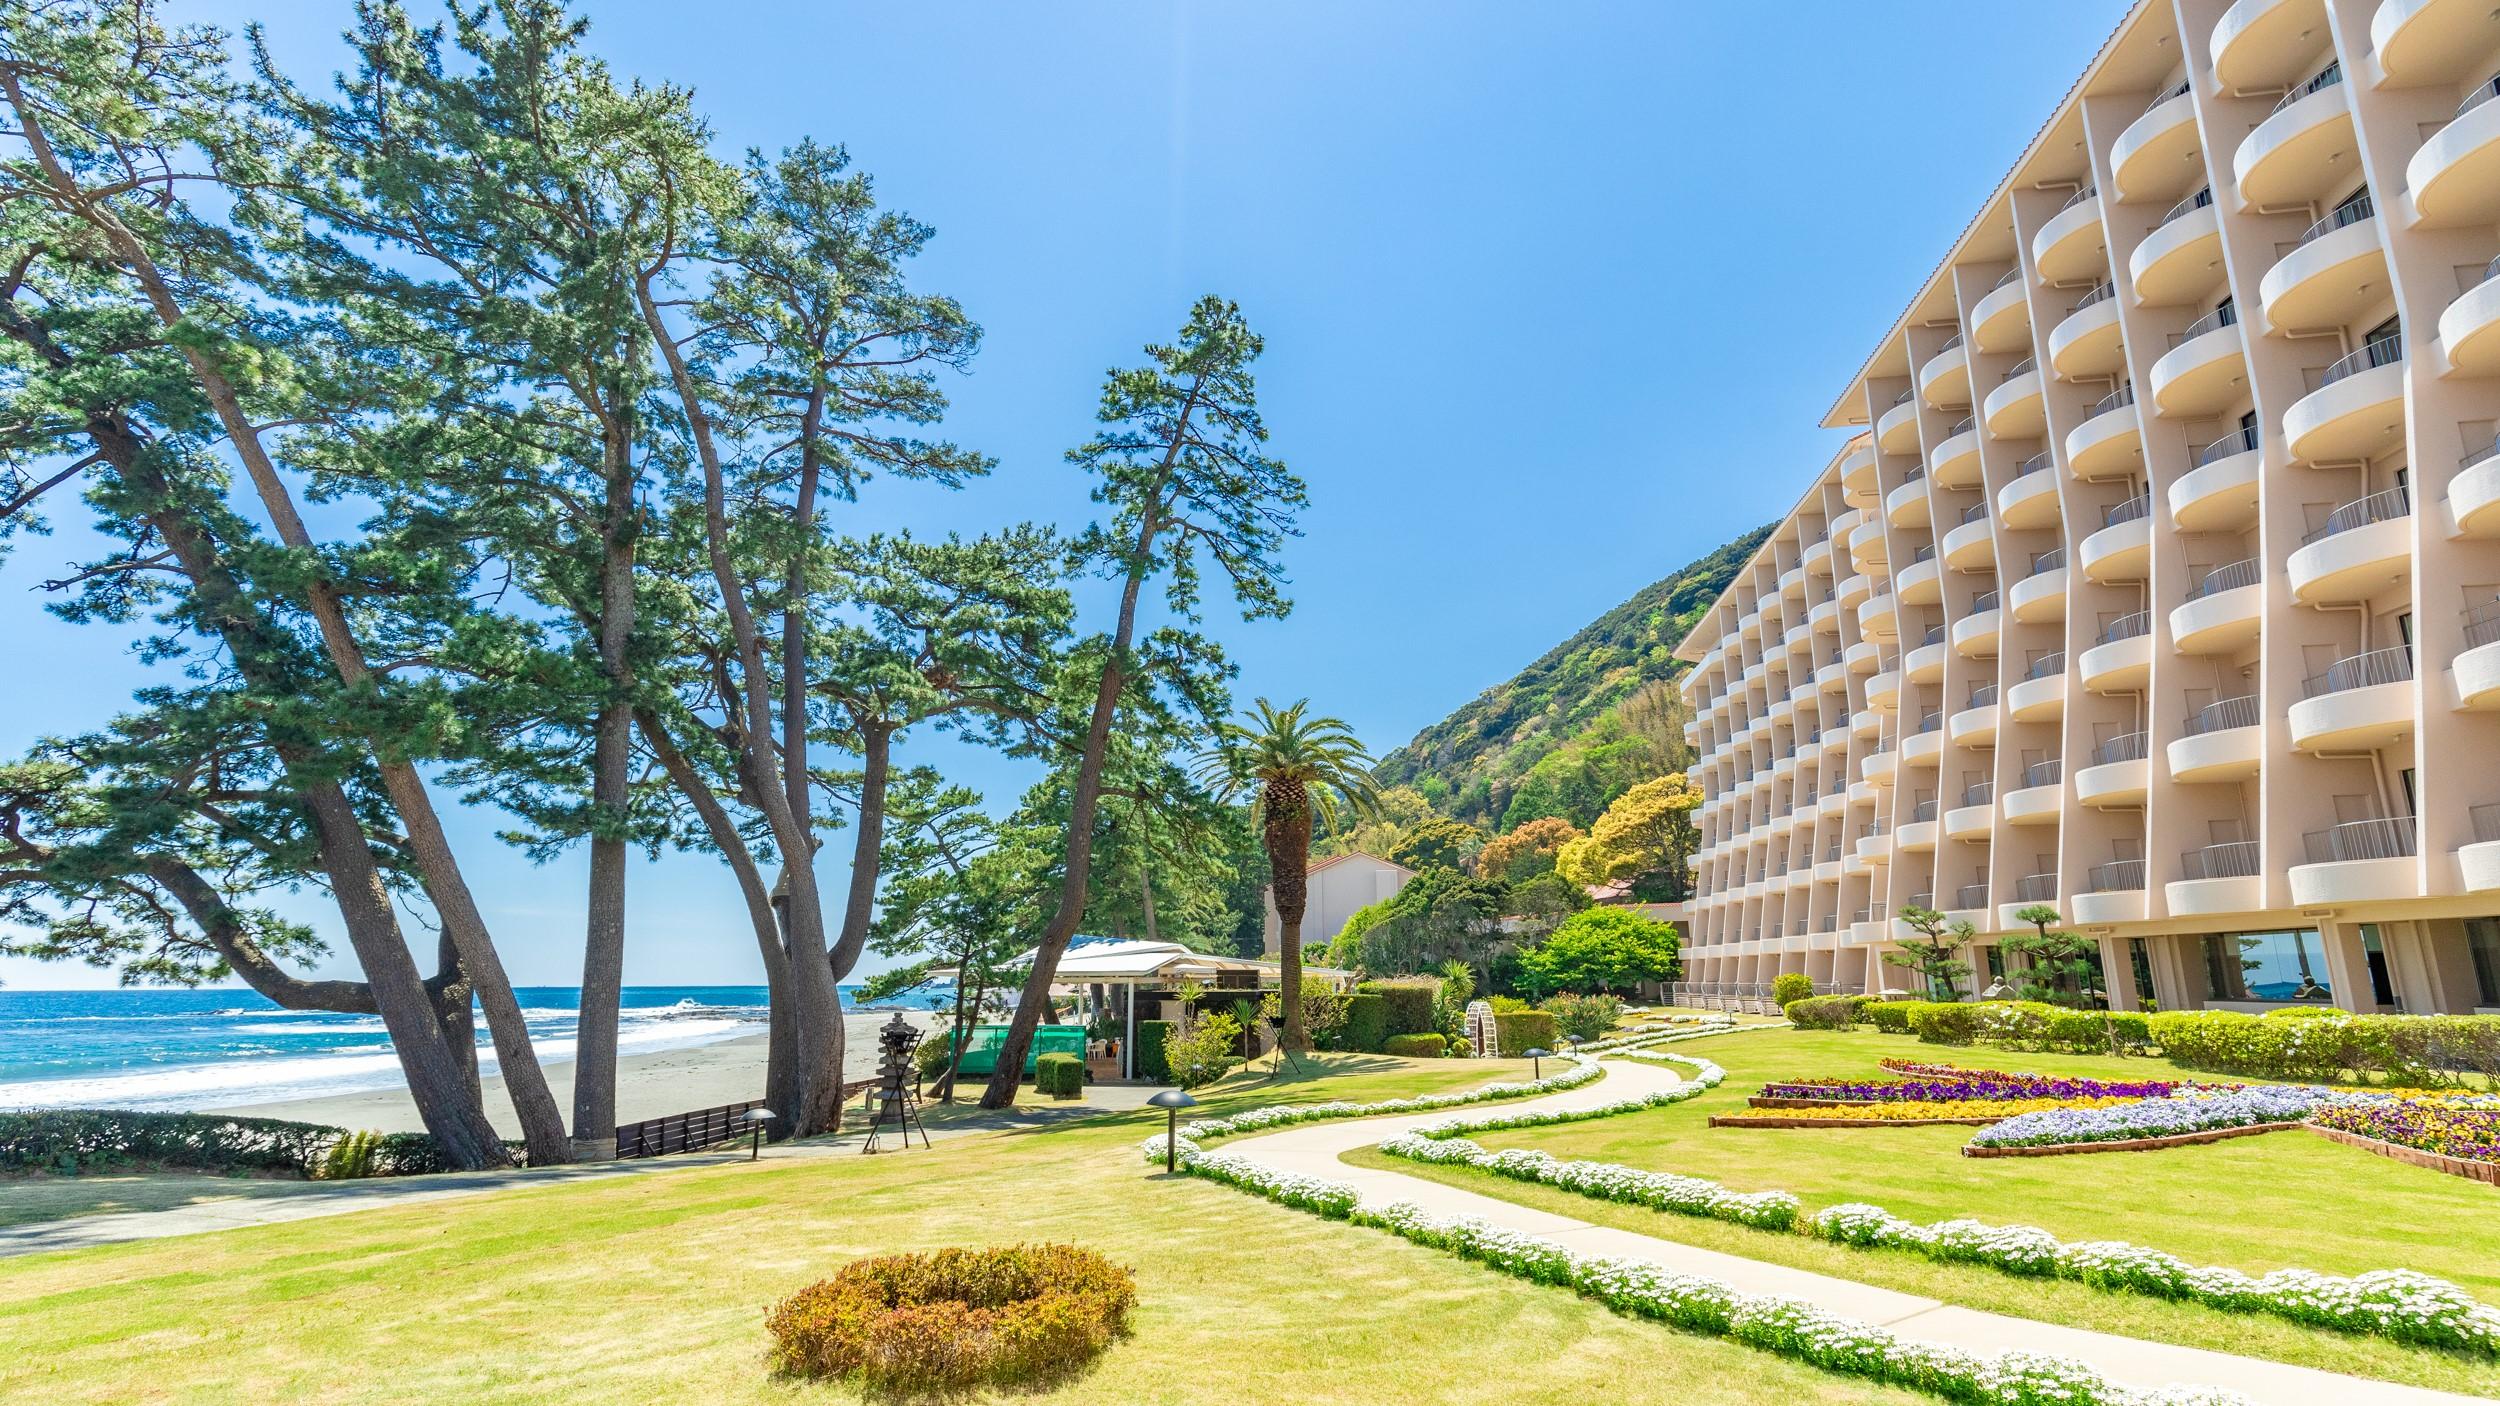 【静岡県】iZooに遊びに行くのにおすすめの綺麗なホテルは?